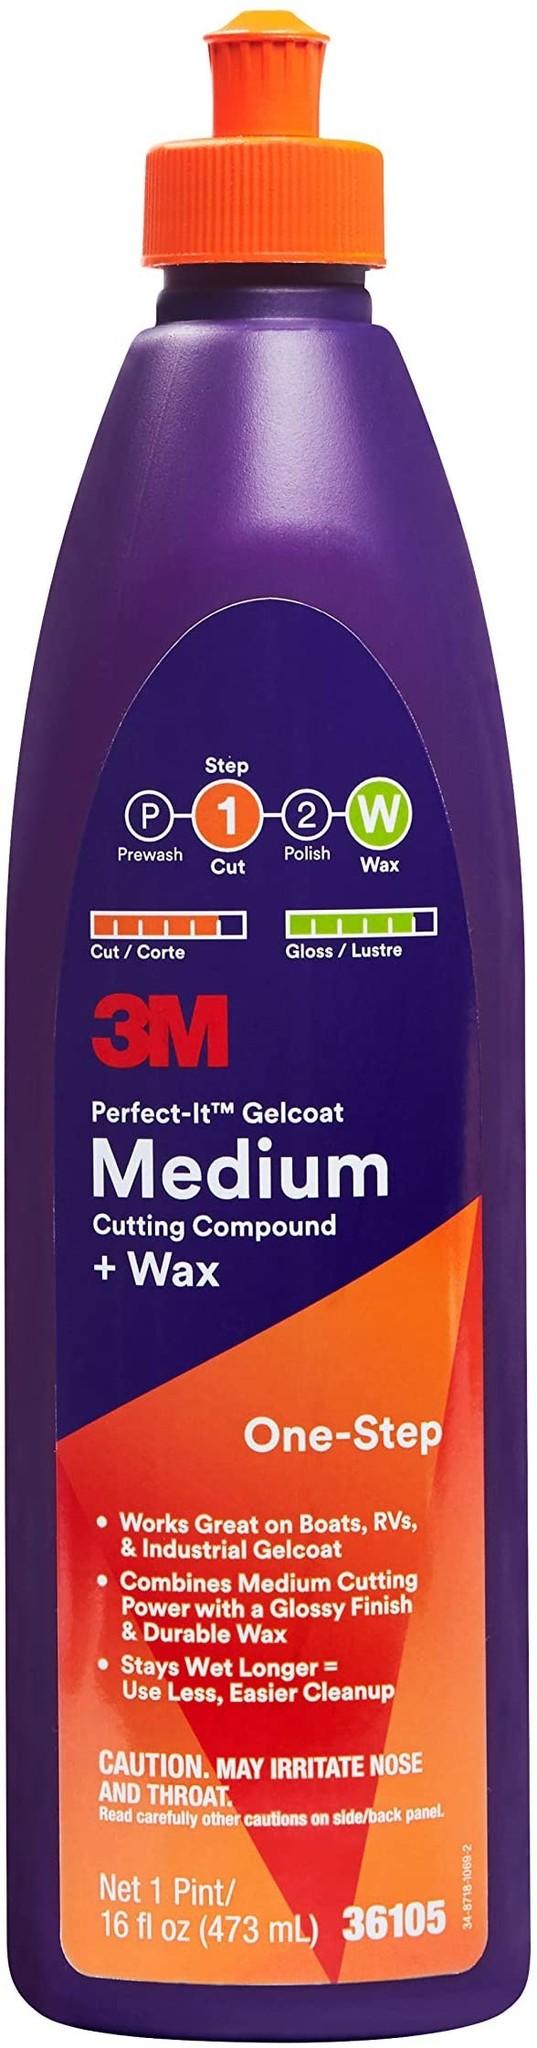 3M Products 3M MEDIUM CUTTING/WAX 36105 F/GLASS 16OZ.